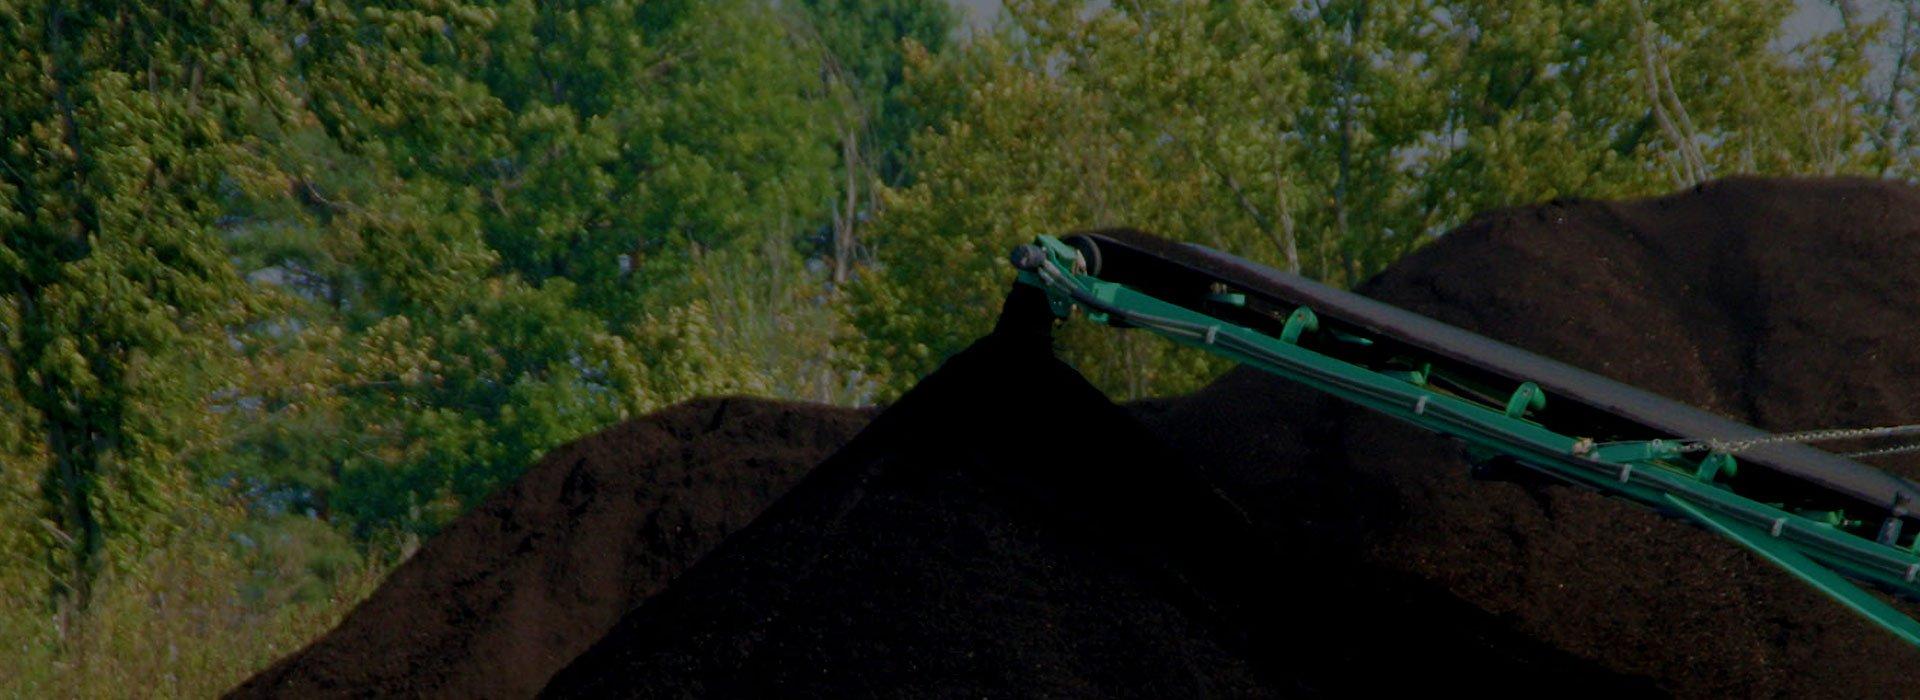 Buffalo, NY Mulch, Compost, Topsil, & Stone - CJ Krantz